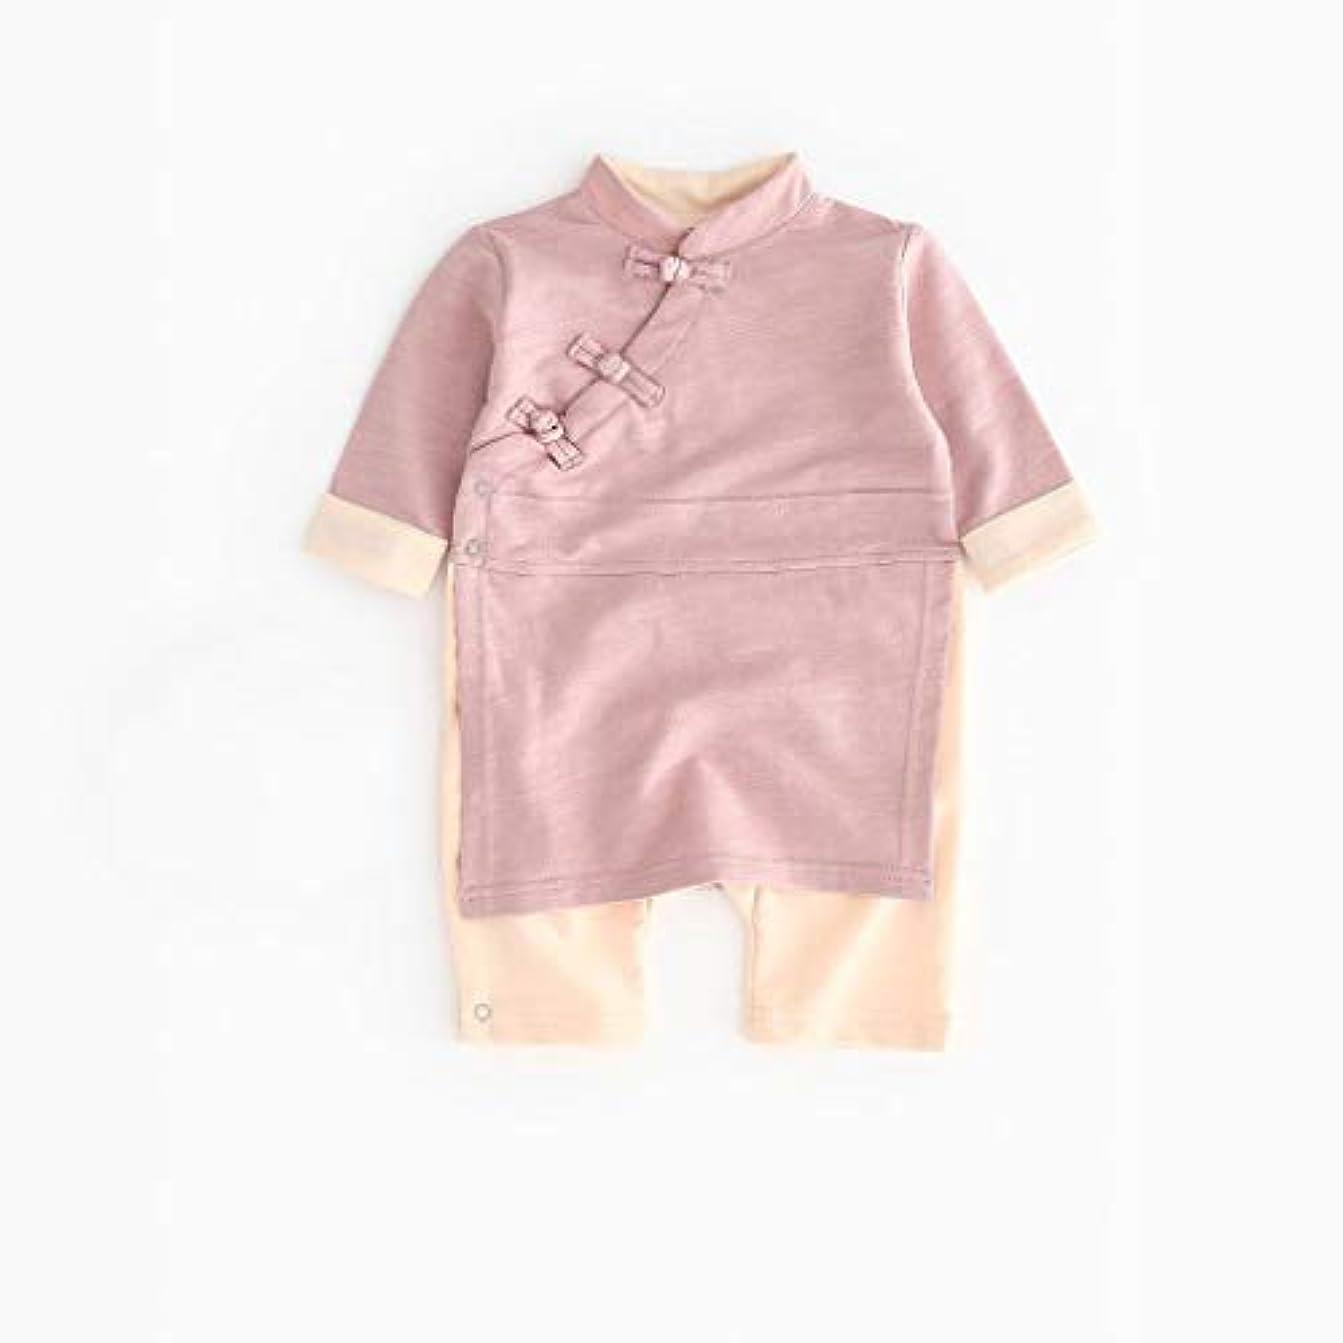 ハドル切手同志かわいいボタン漢風生まれたばかりの赤ちゃん男の子女の子ボタン固体ロンパースジャンプスーツ着物服パジャマ女の子男の子レターストライプ長袖コットンロンパースジャンプスーツ